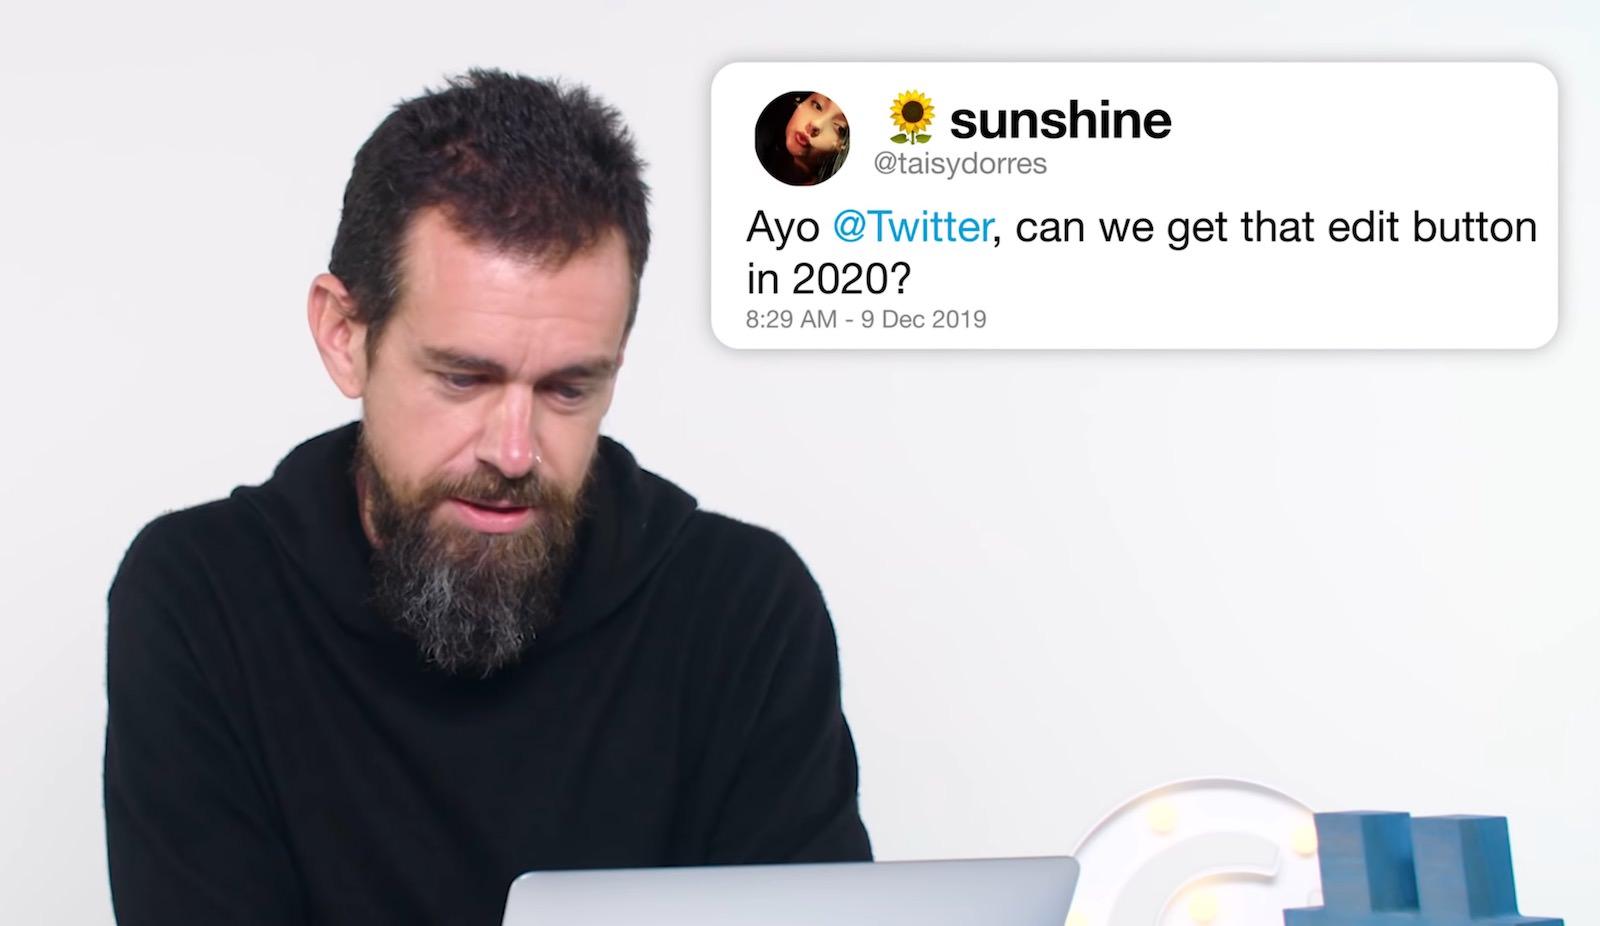 Twitter Jack Dorsey denies a edit button